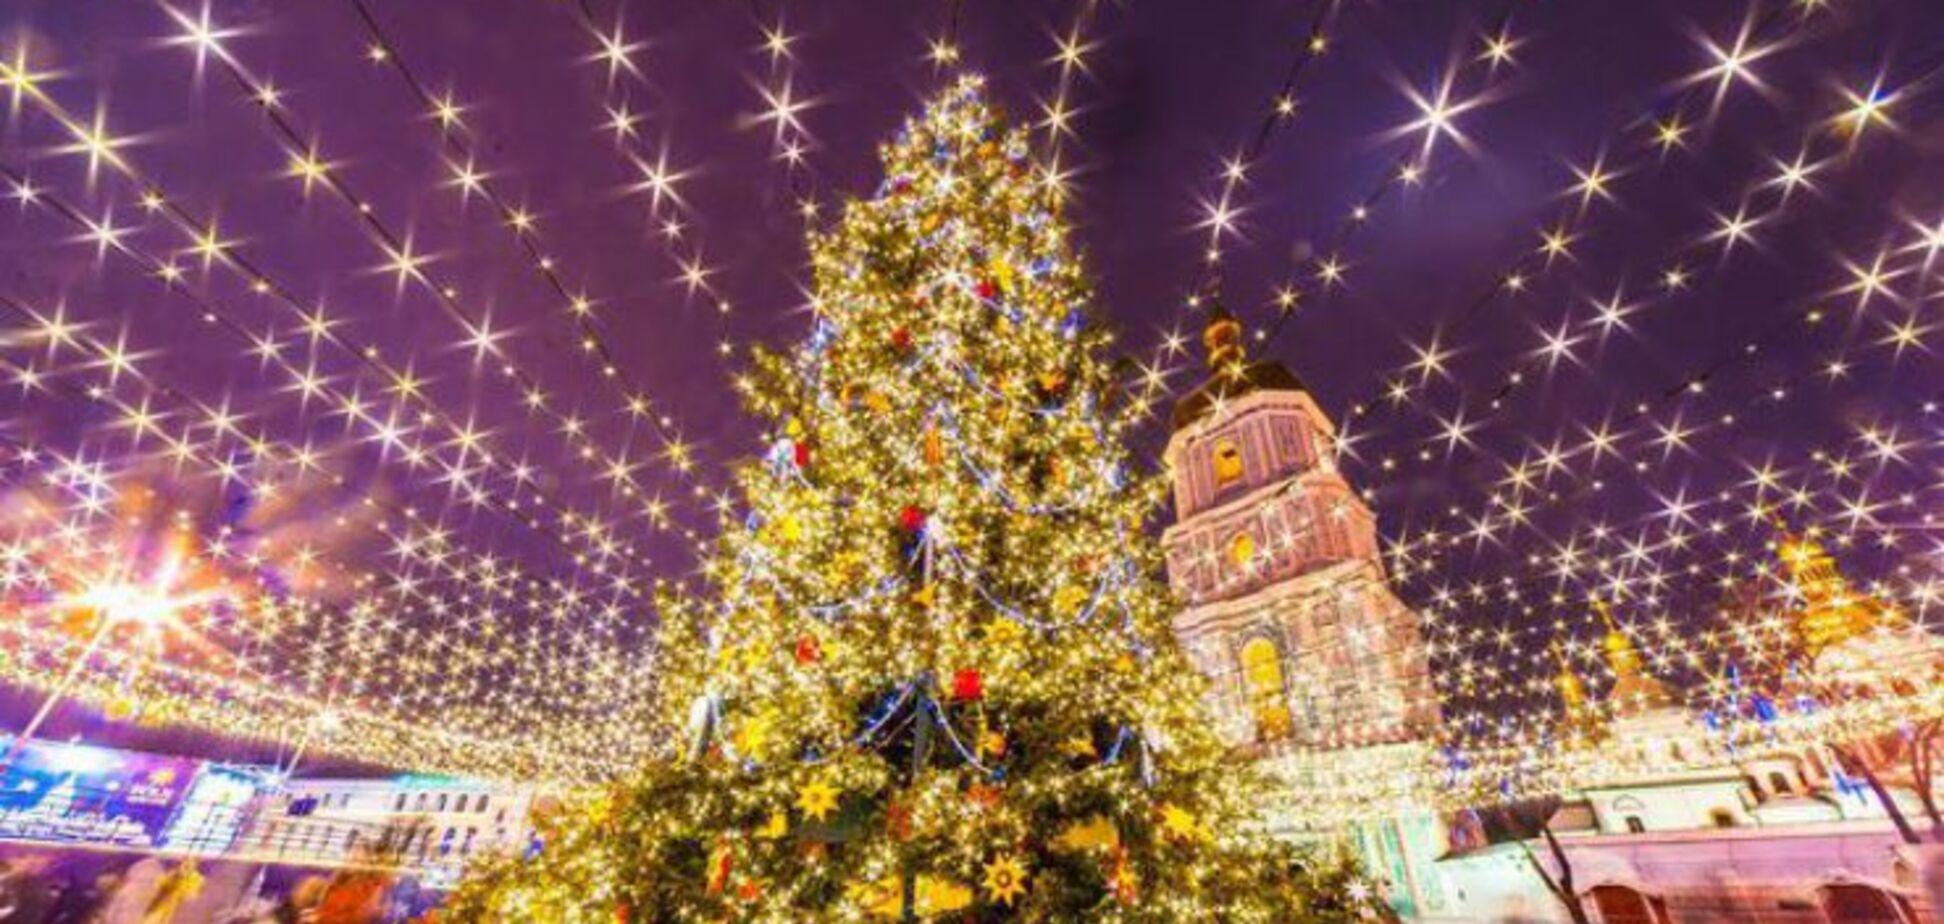 31 грудня: яке сьогодні свято